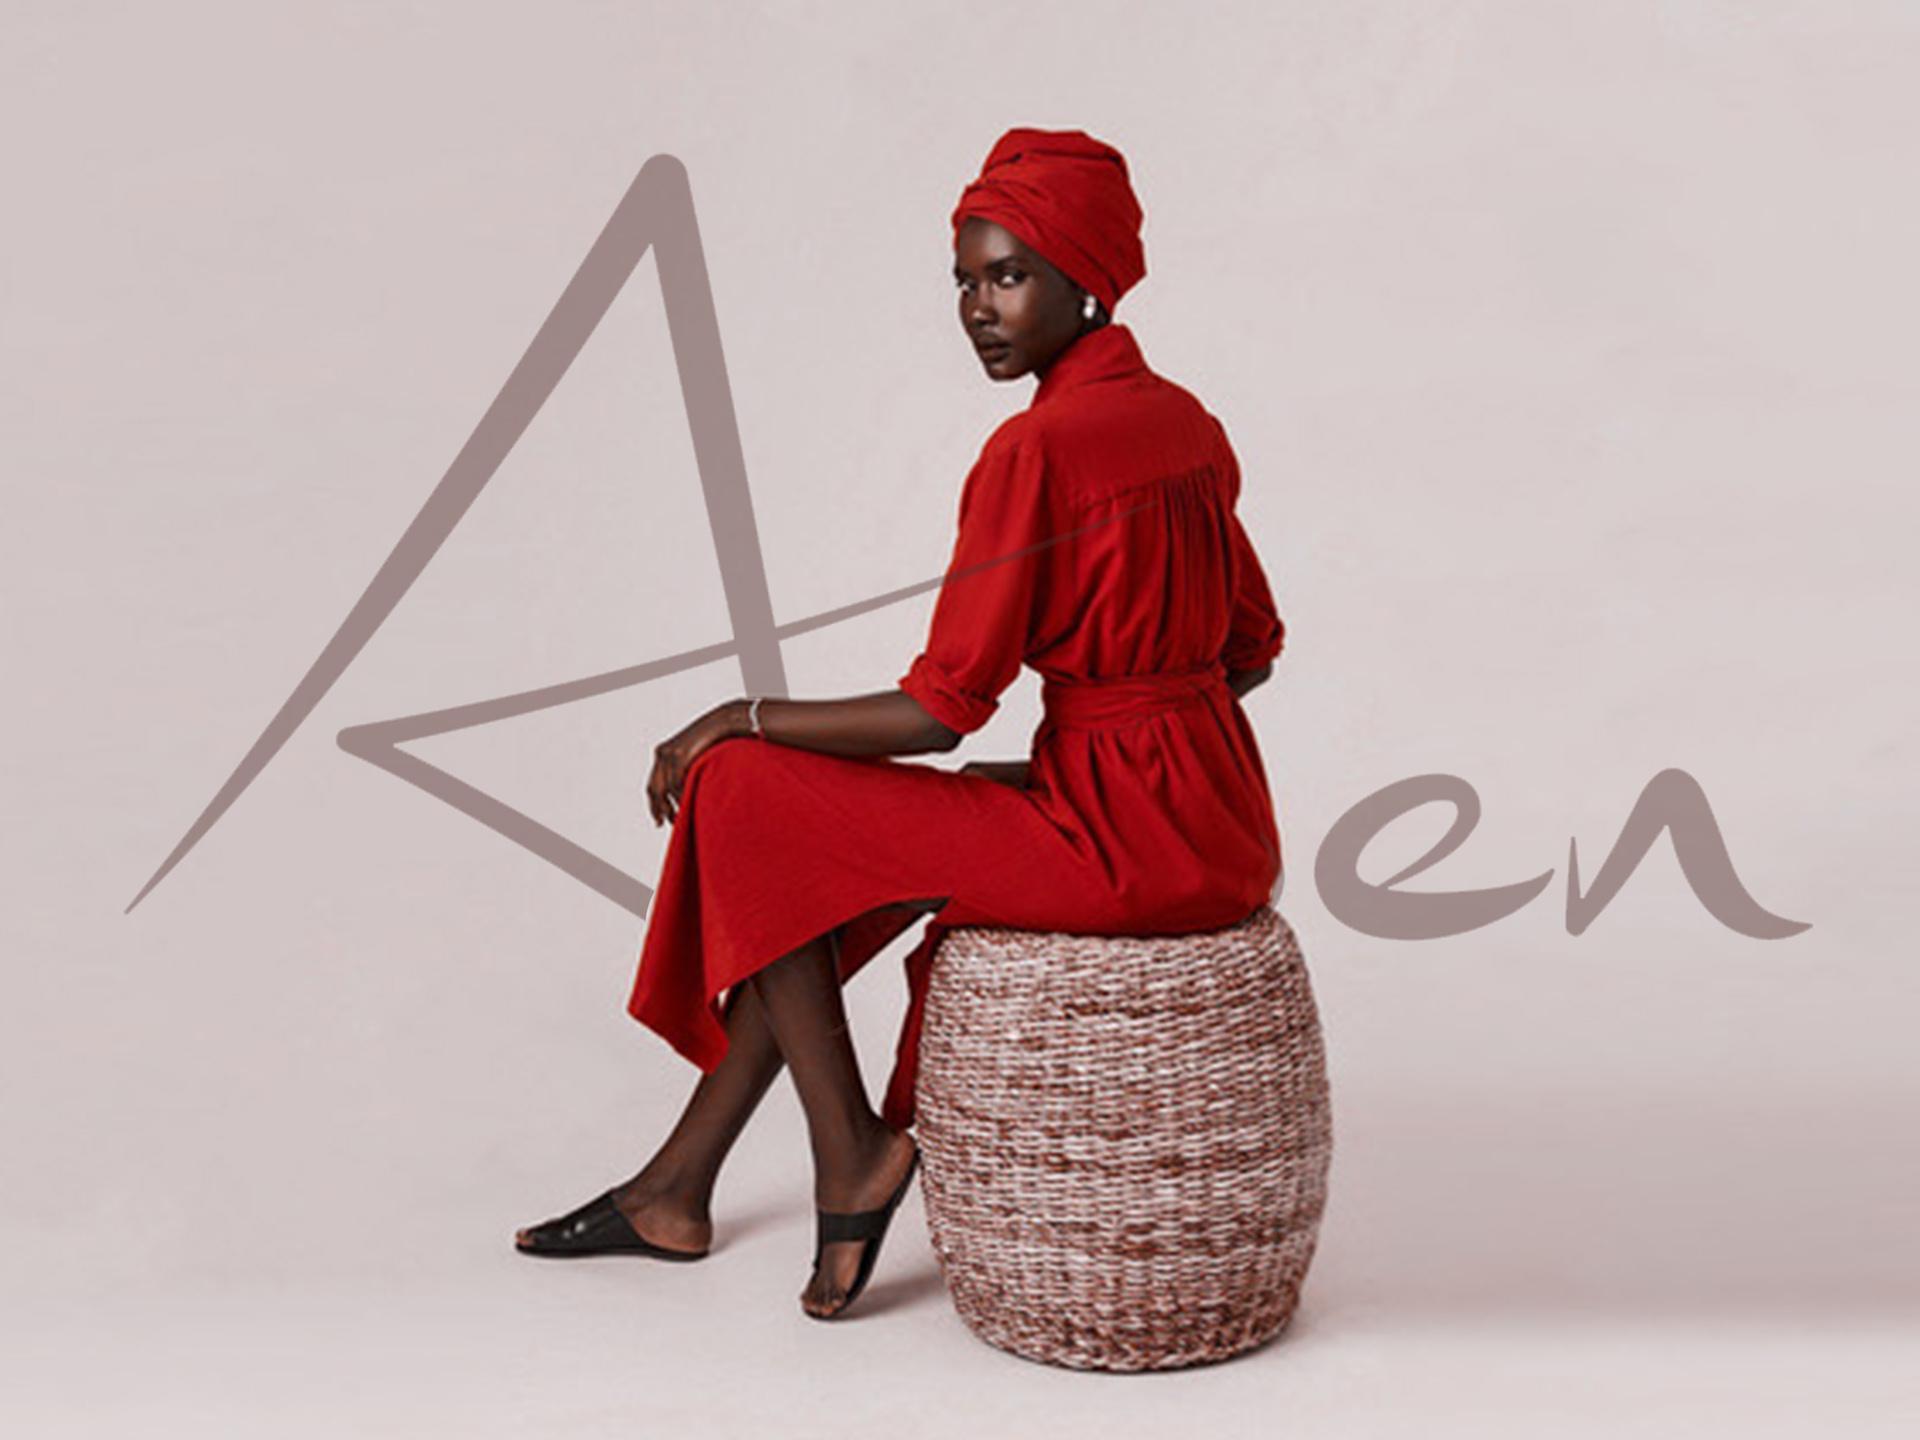 Brand Identity work for K.Aspen